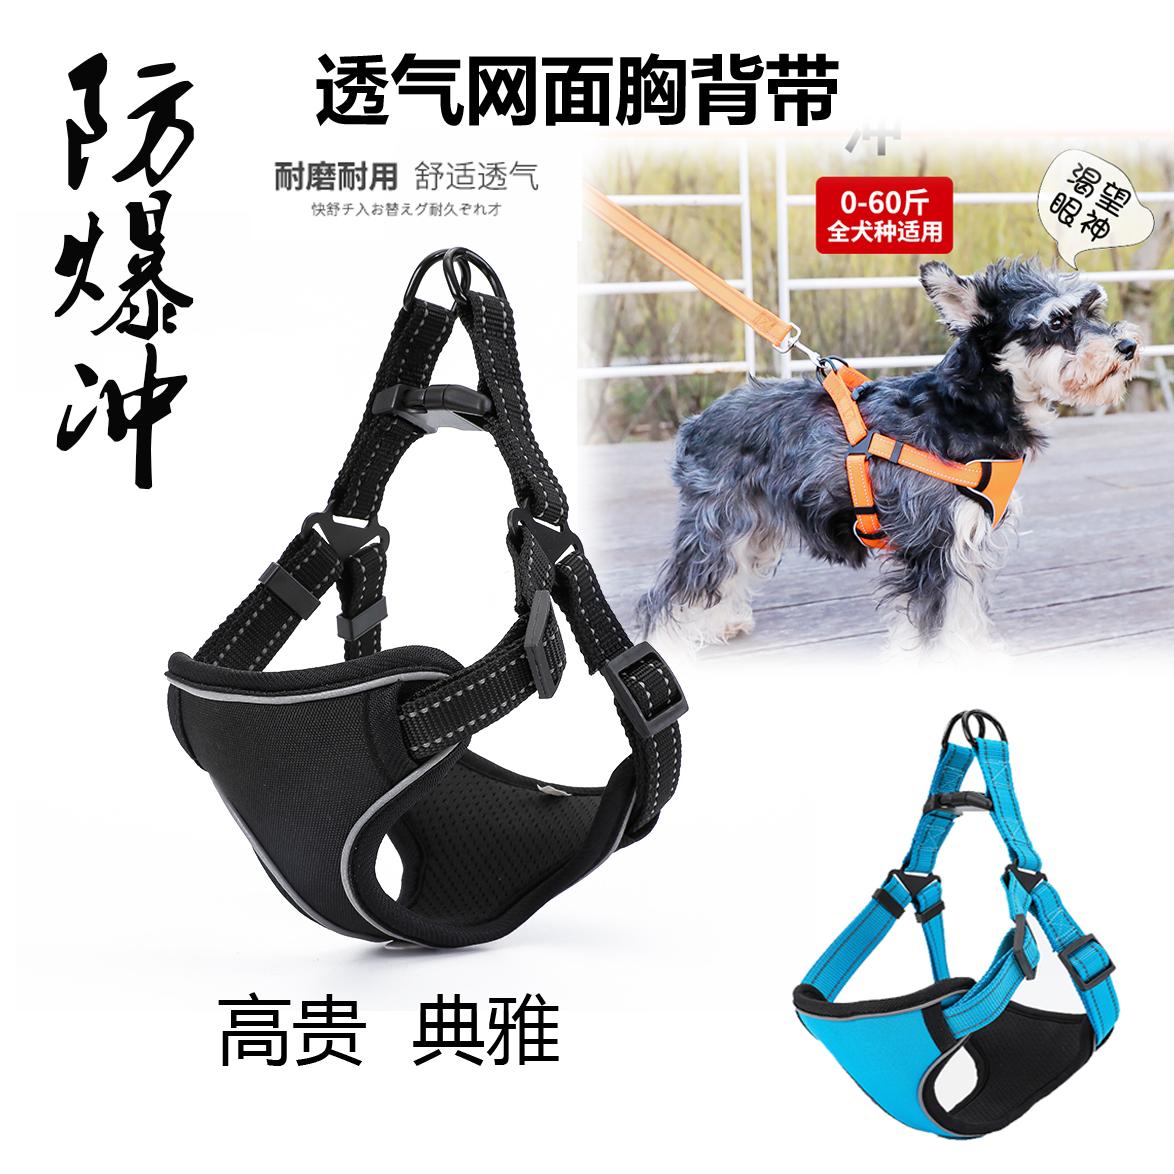 犬のベスト式の牽引ロープの小さい中の大規模の犬の泰迪は犬の縄の犬のチェーンの反射する胸を散歩してペットの用品を持ちます。